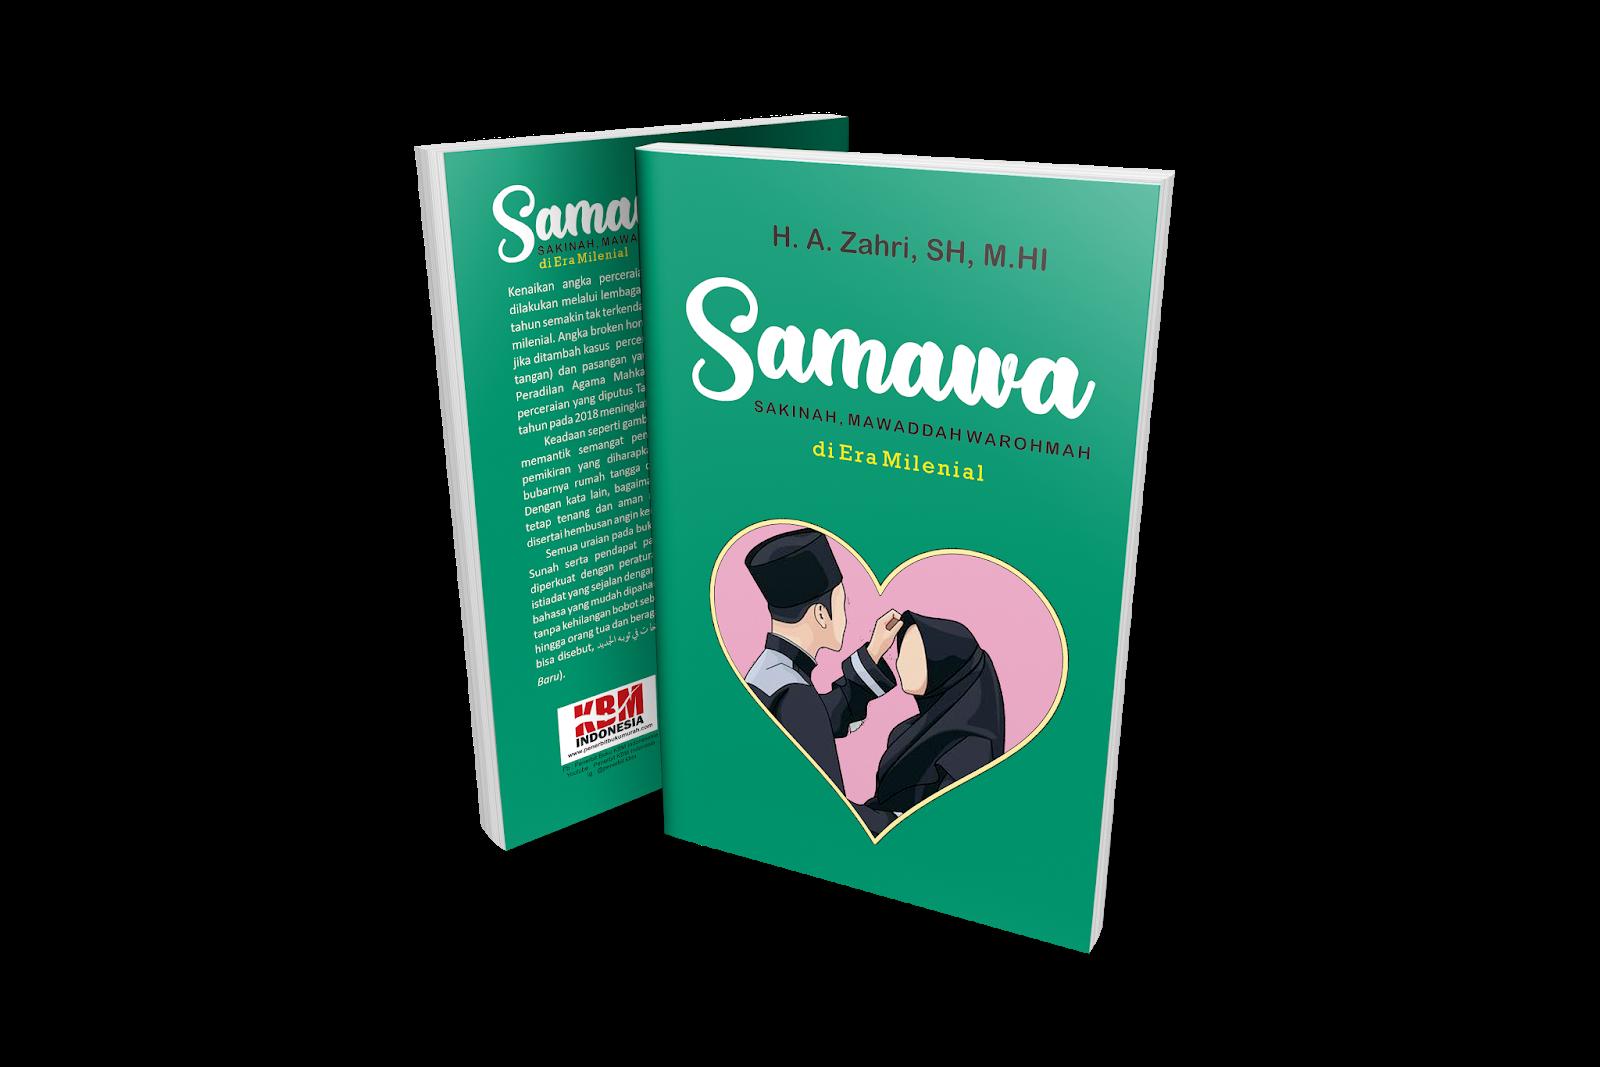 SAMAWA (SAKINAH MAWADDAH WA RAHMAH)  DI ERA MILENIAL